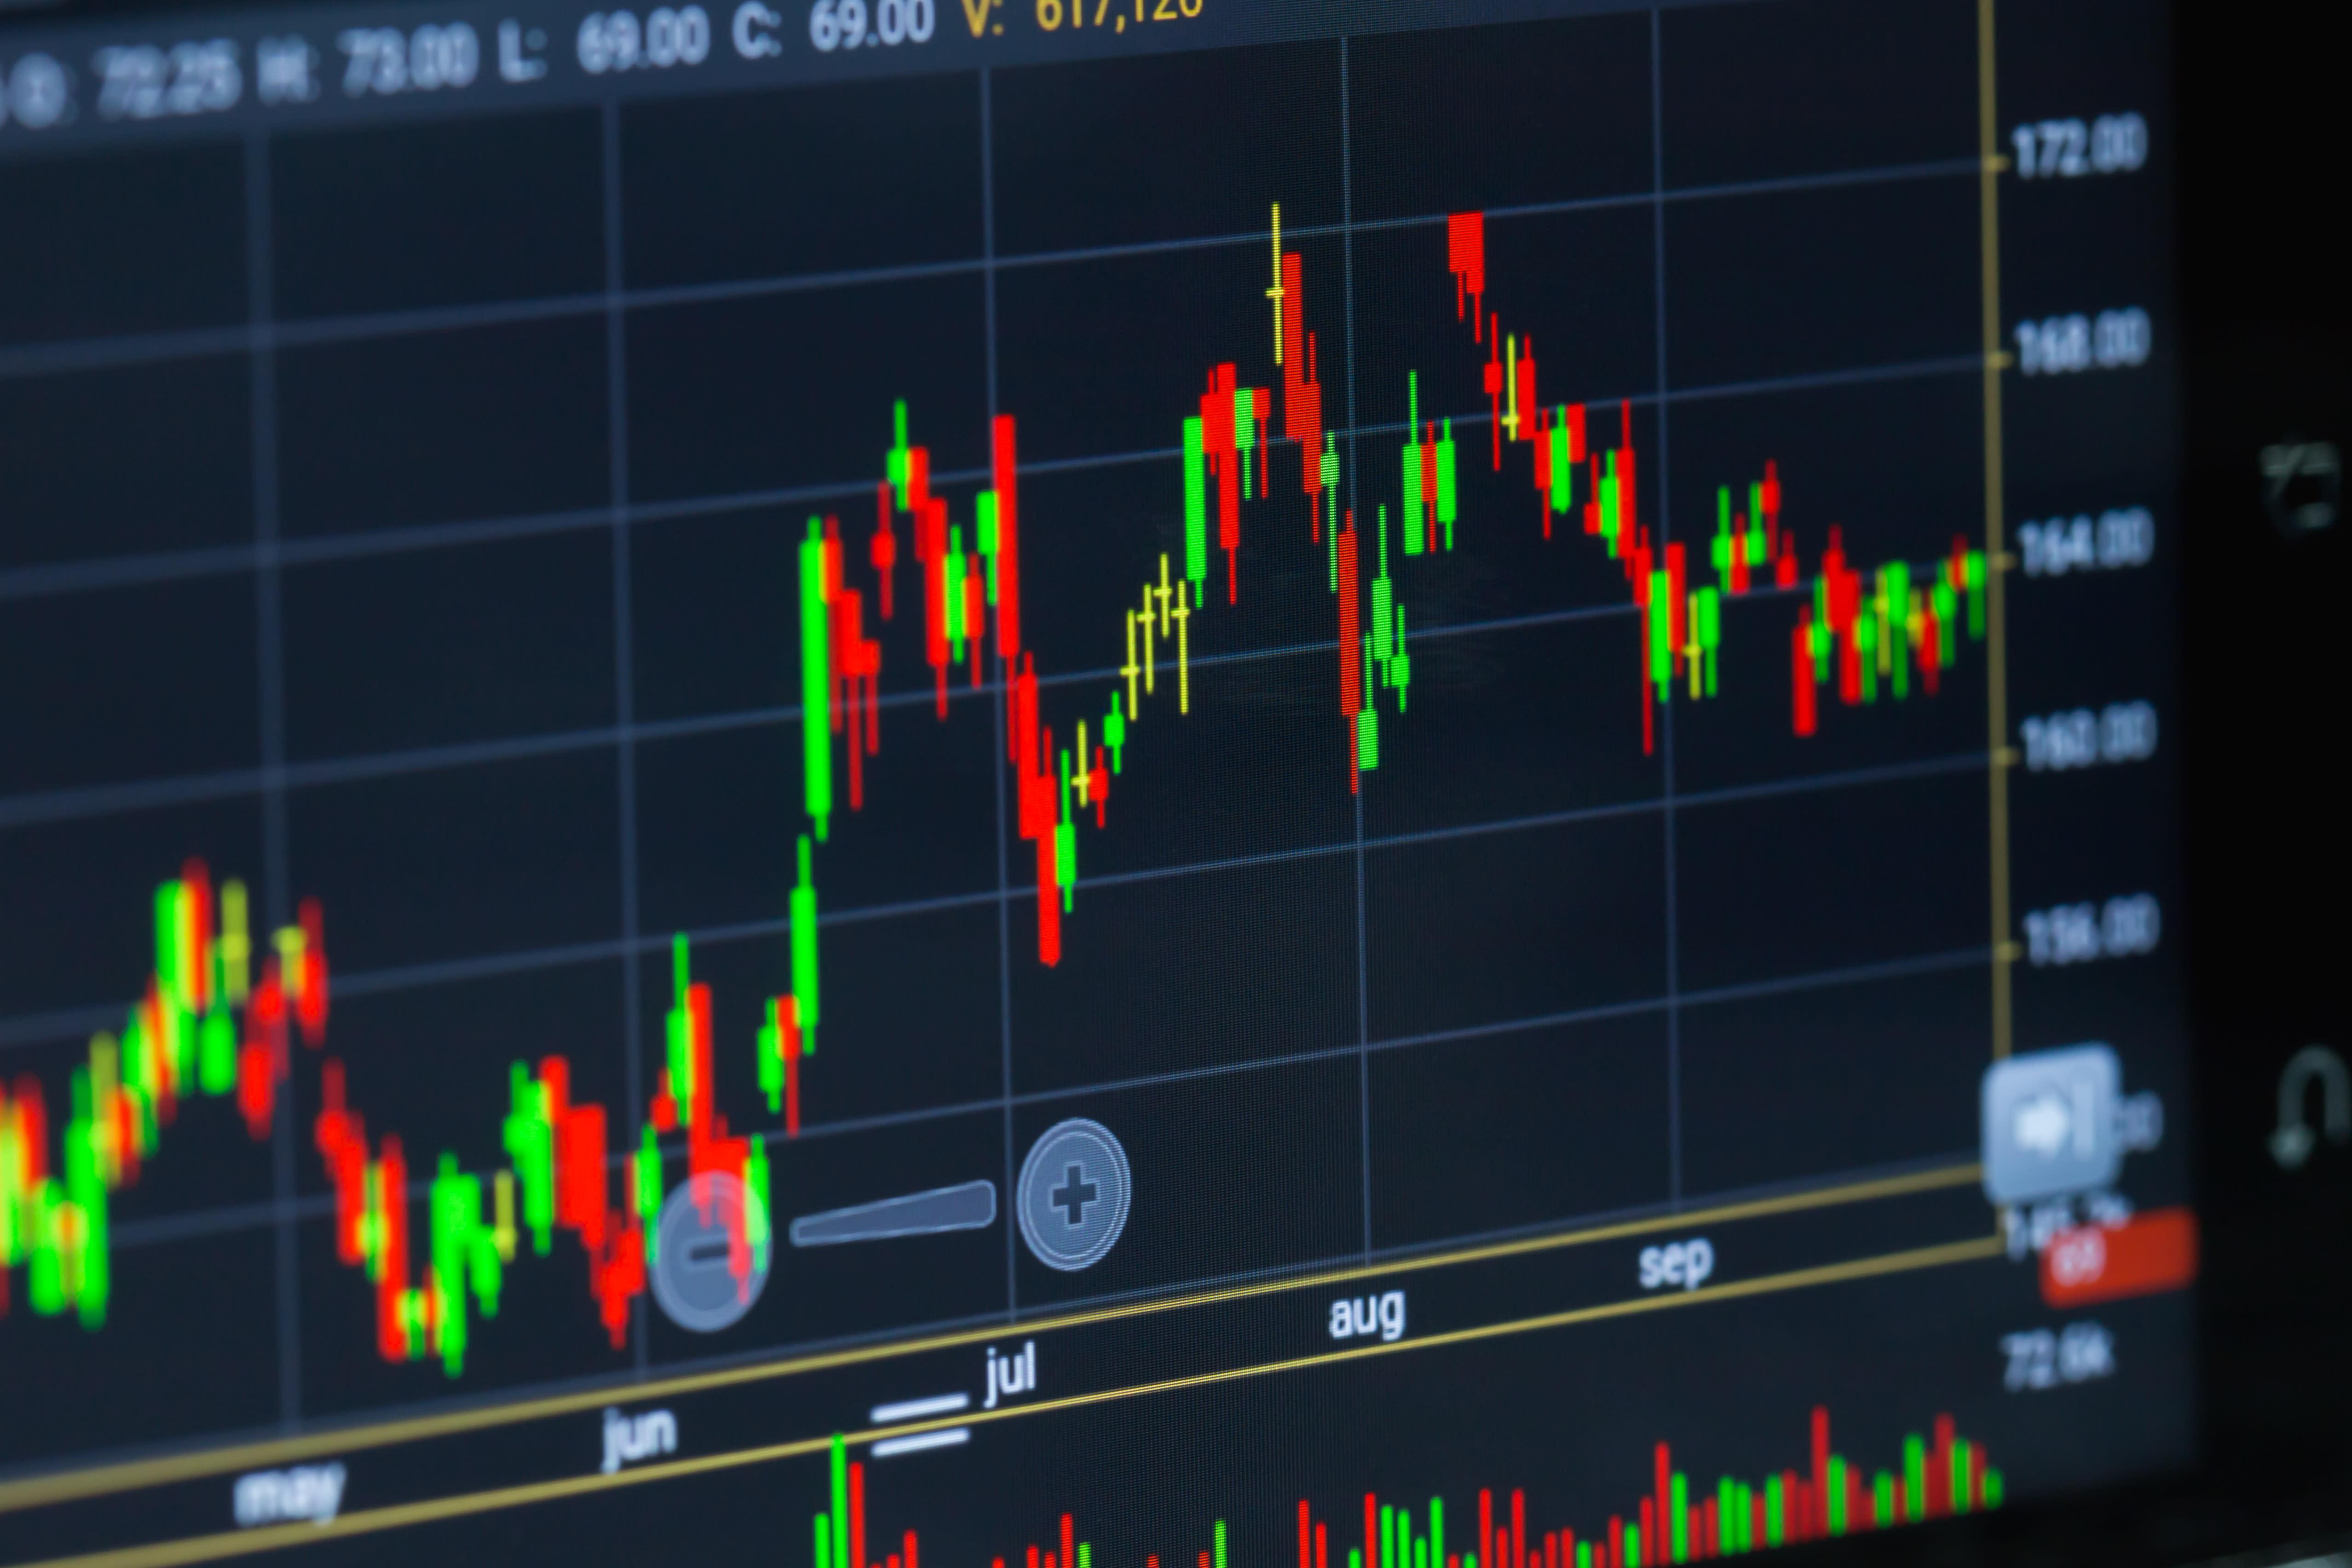 Stock market news: October 9, 2019